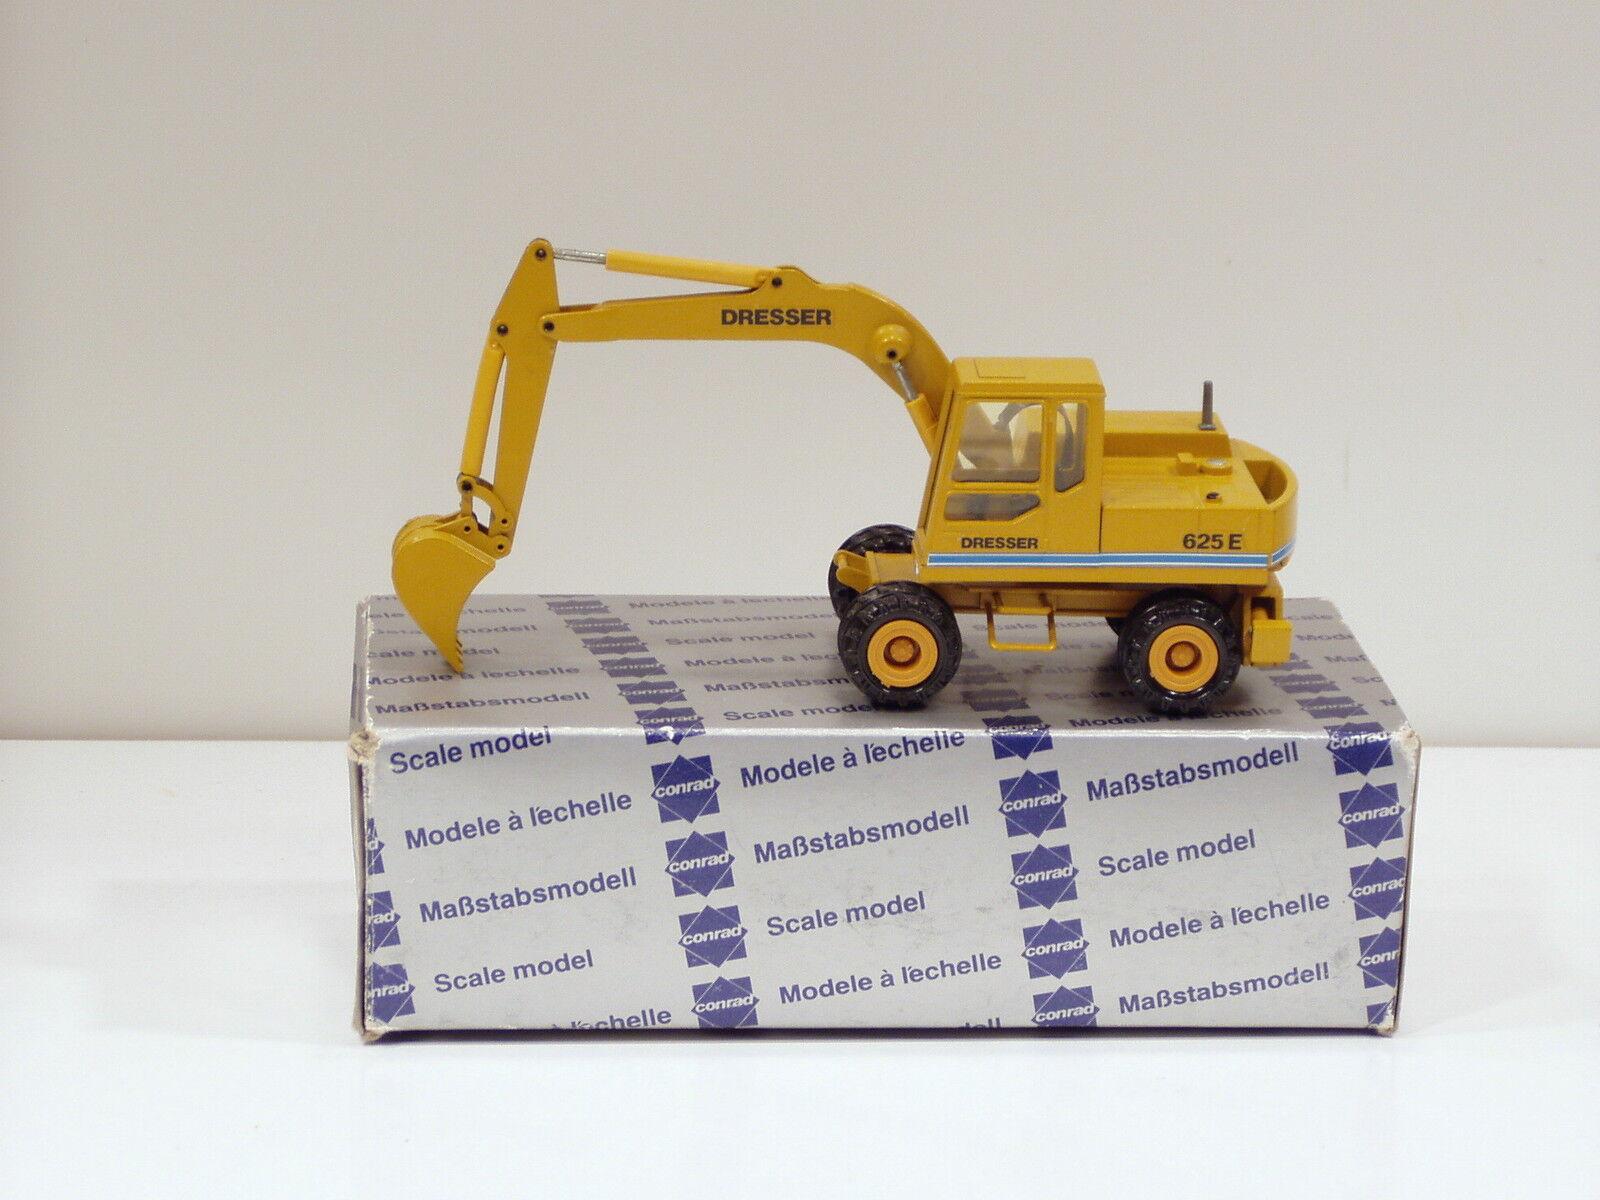 Dresser 625e Rueda Excavadora - 1/50-Conrad  2818-Mib